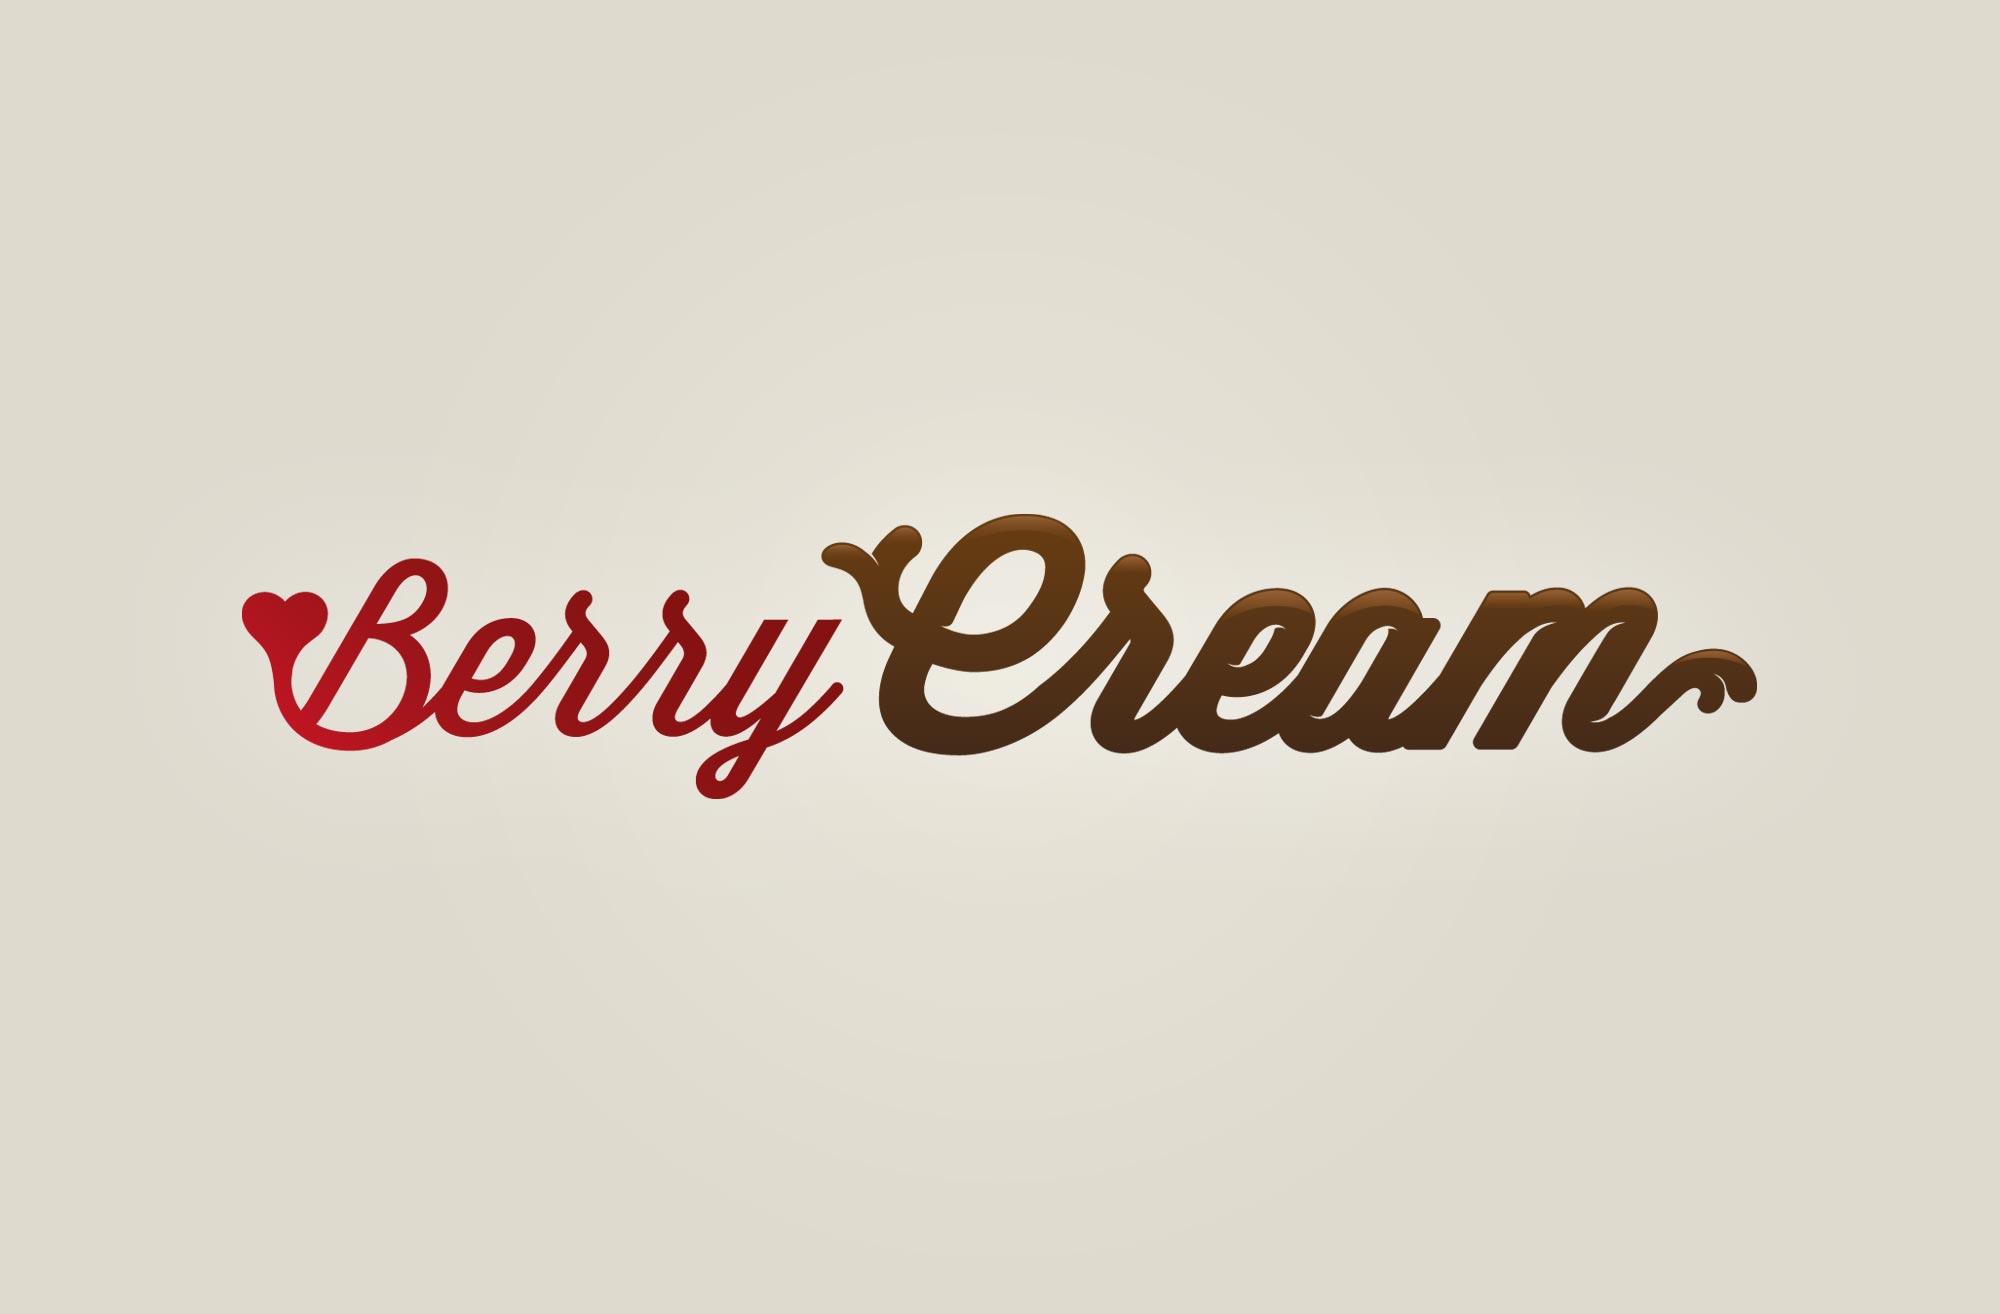 logo_berrycream_01